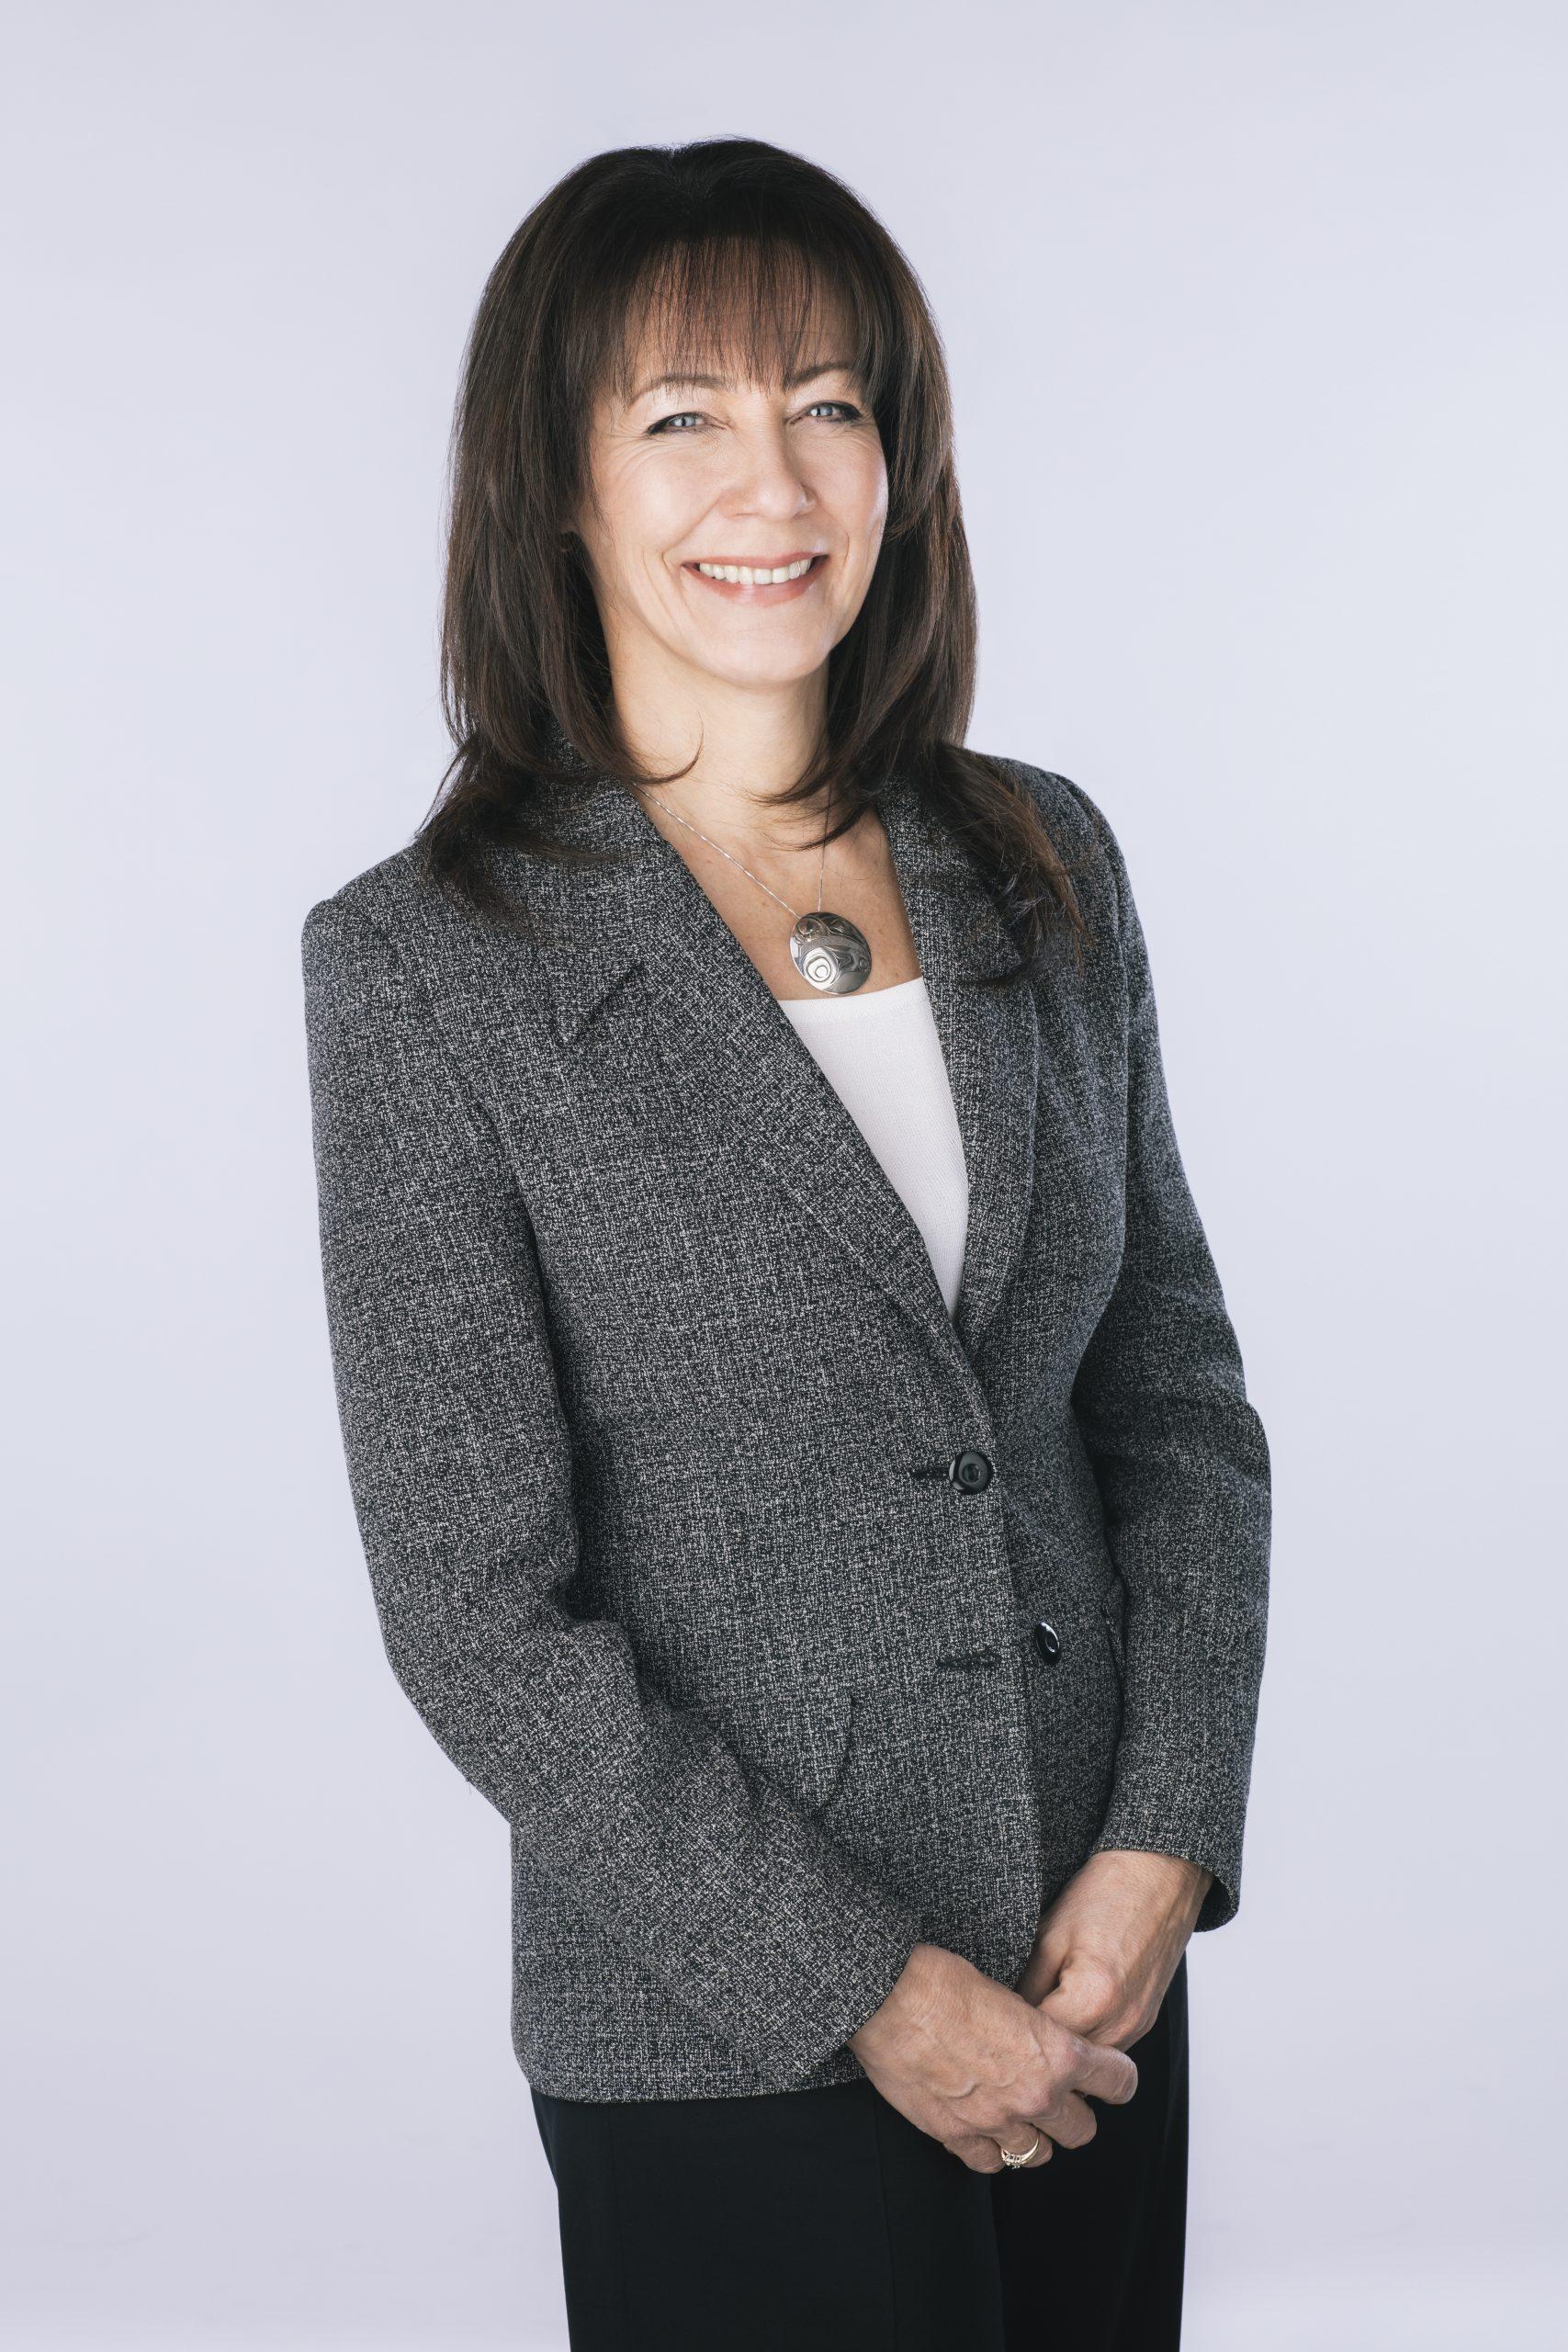 Della Gough